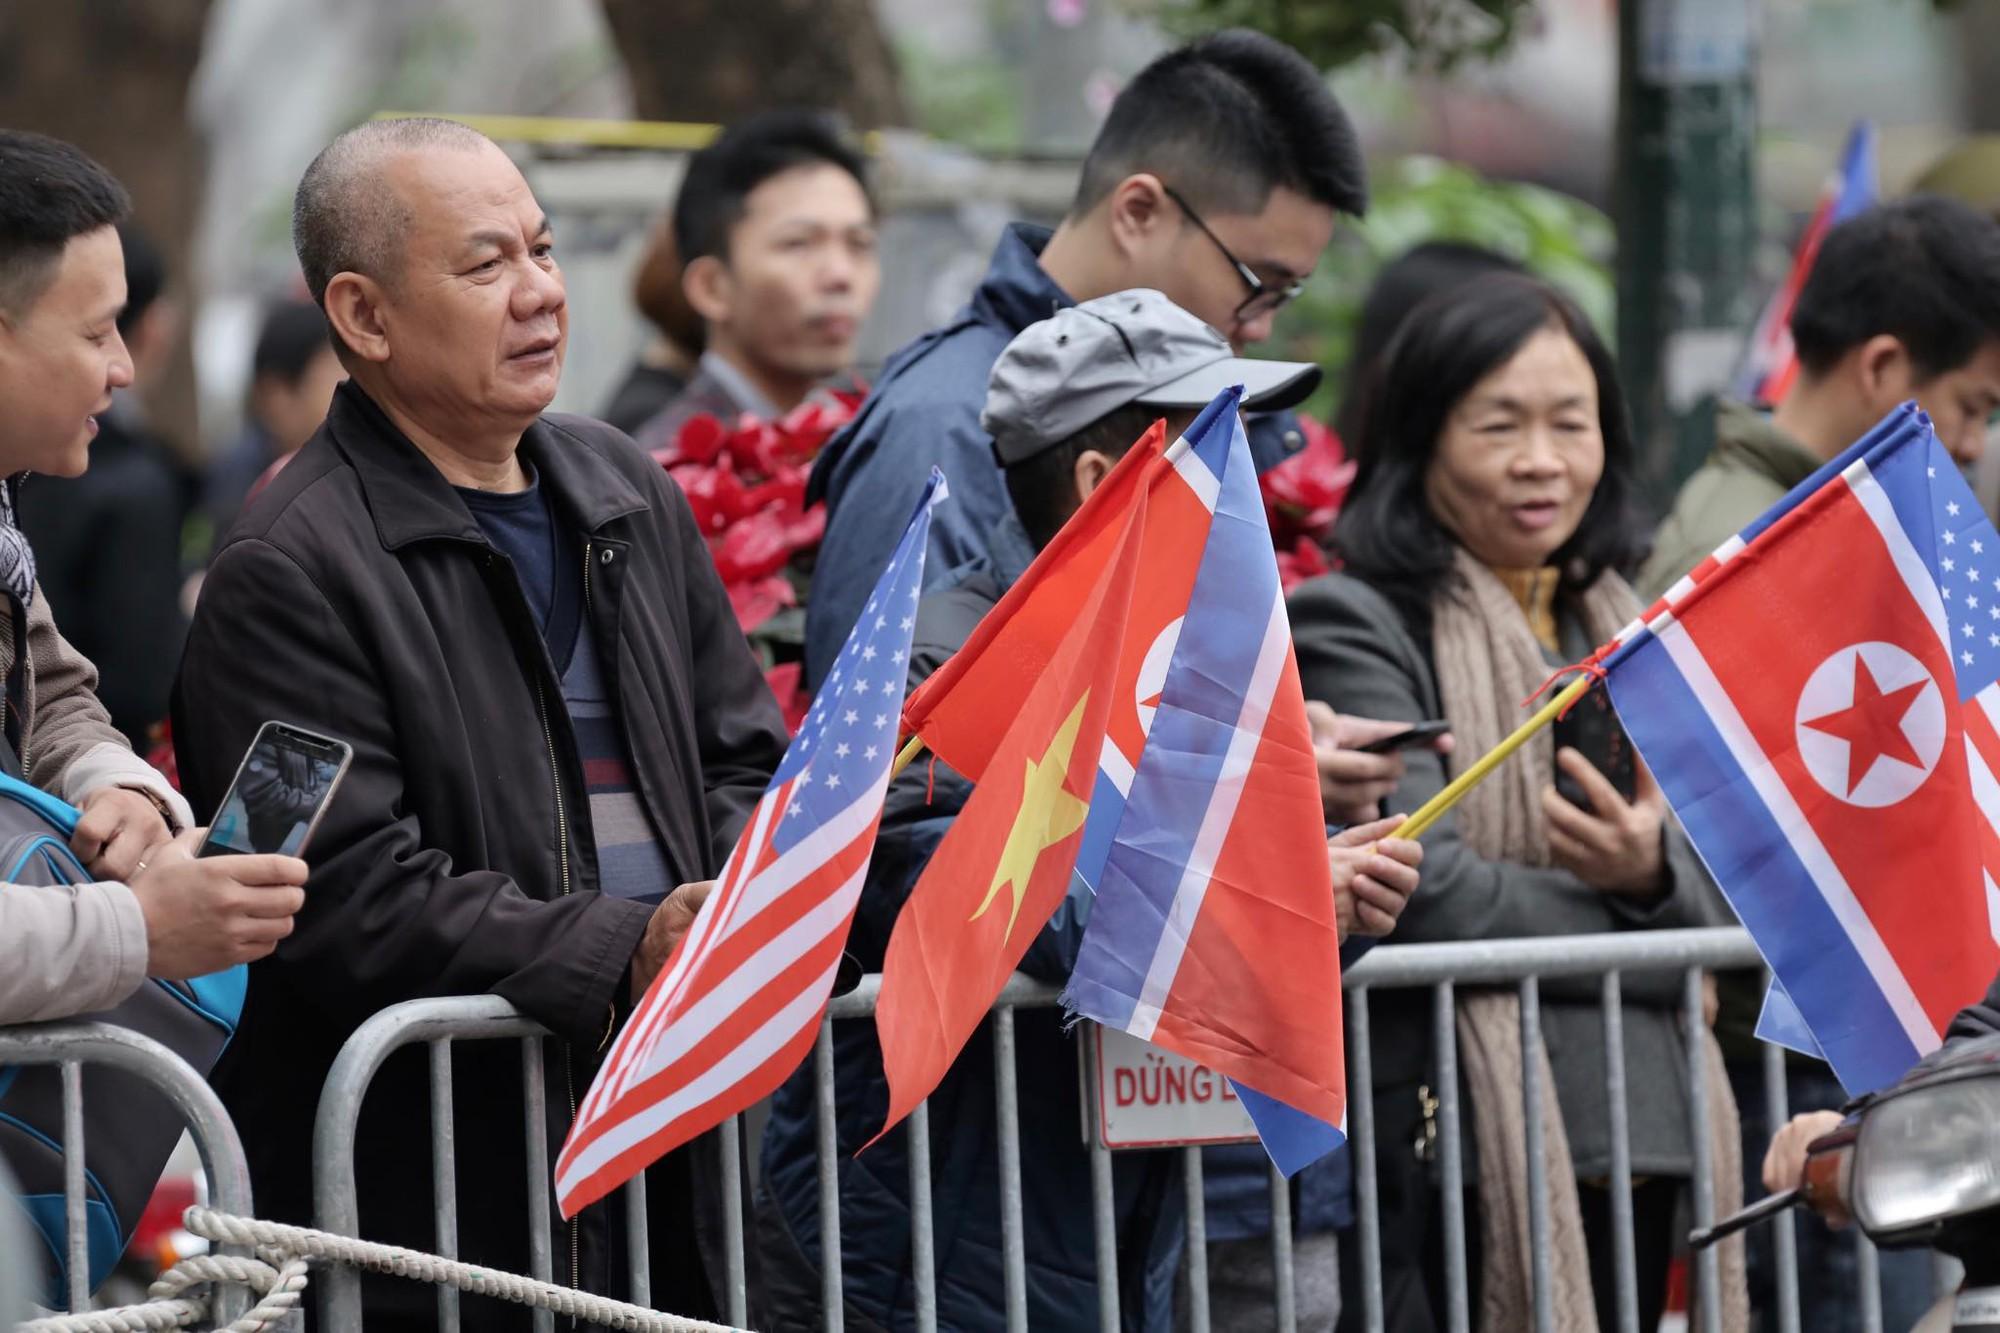 Toàn cảnh đón Chủ tịch Triều Tiên Kim Jong-un tại Việt Nam - Ảnh 33.